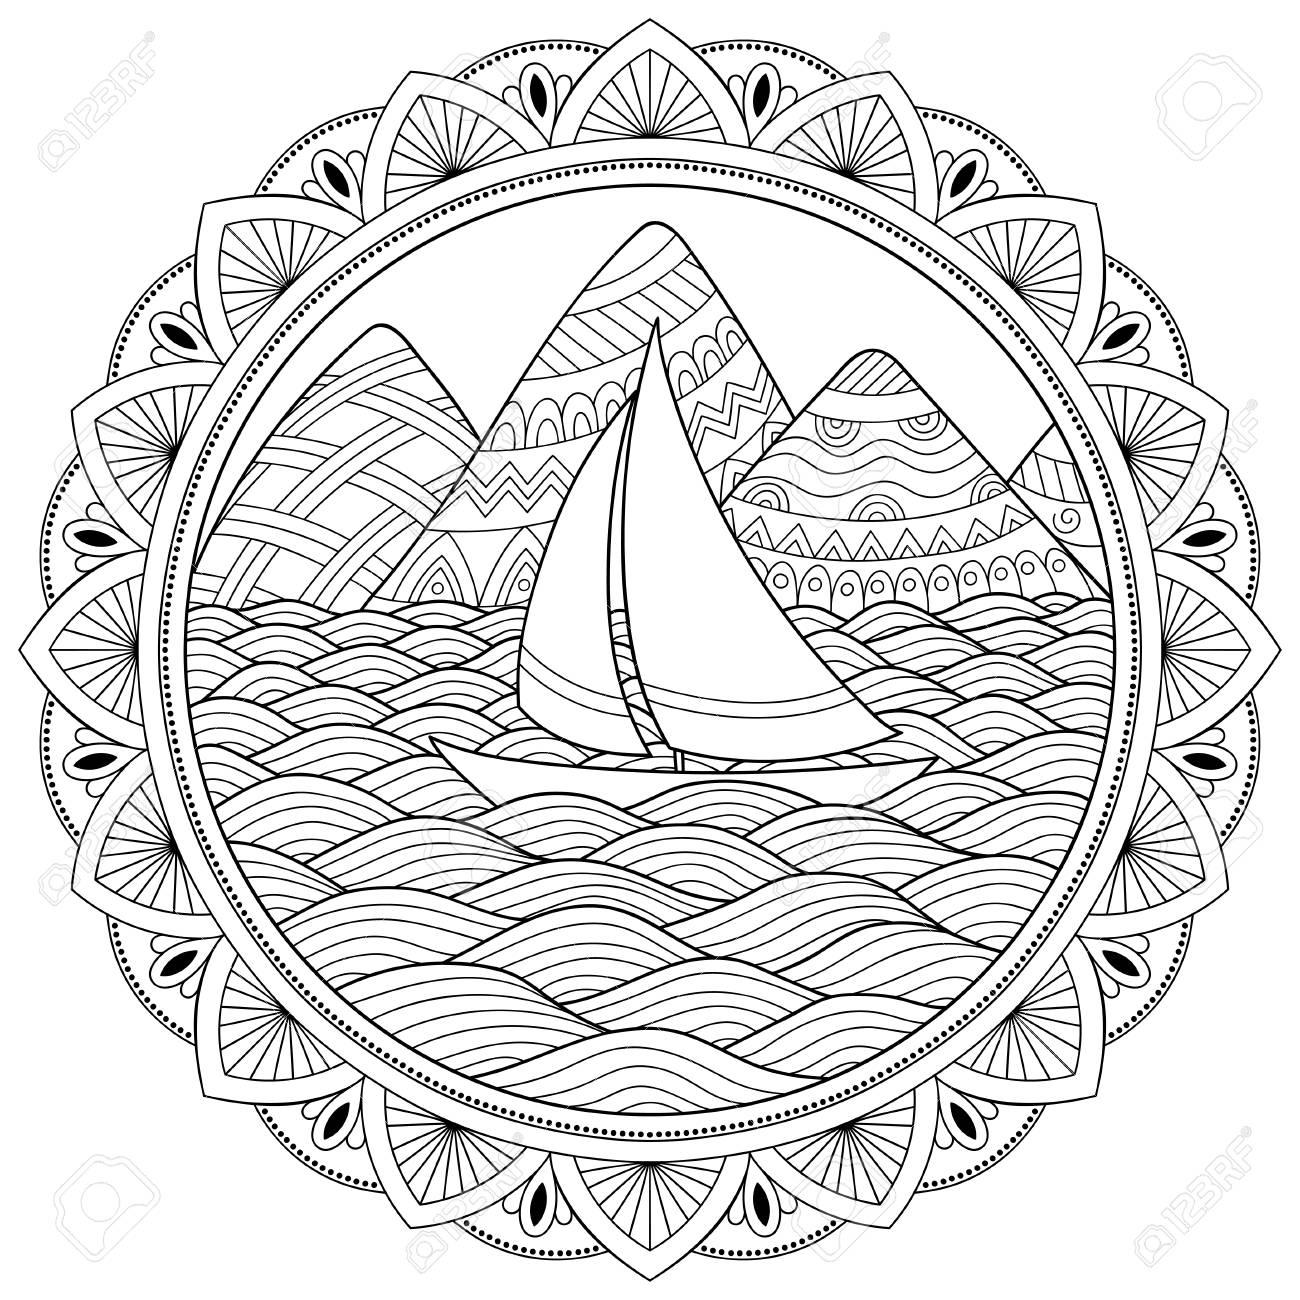 Patrón De Doodle En Blanco Y Negro Patrón De Paisaje Para Colorear Libro Montañas Ríos Colinas Mar Barco Yate Costa Vela Ola Mar